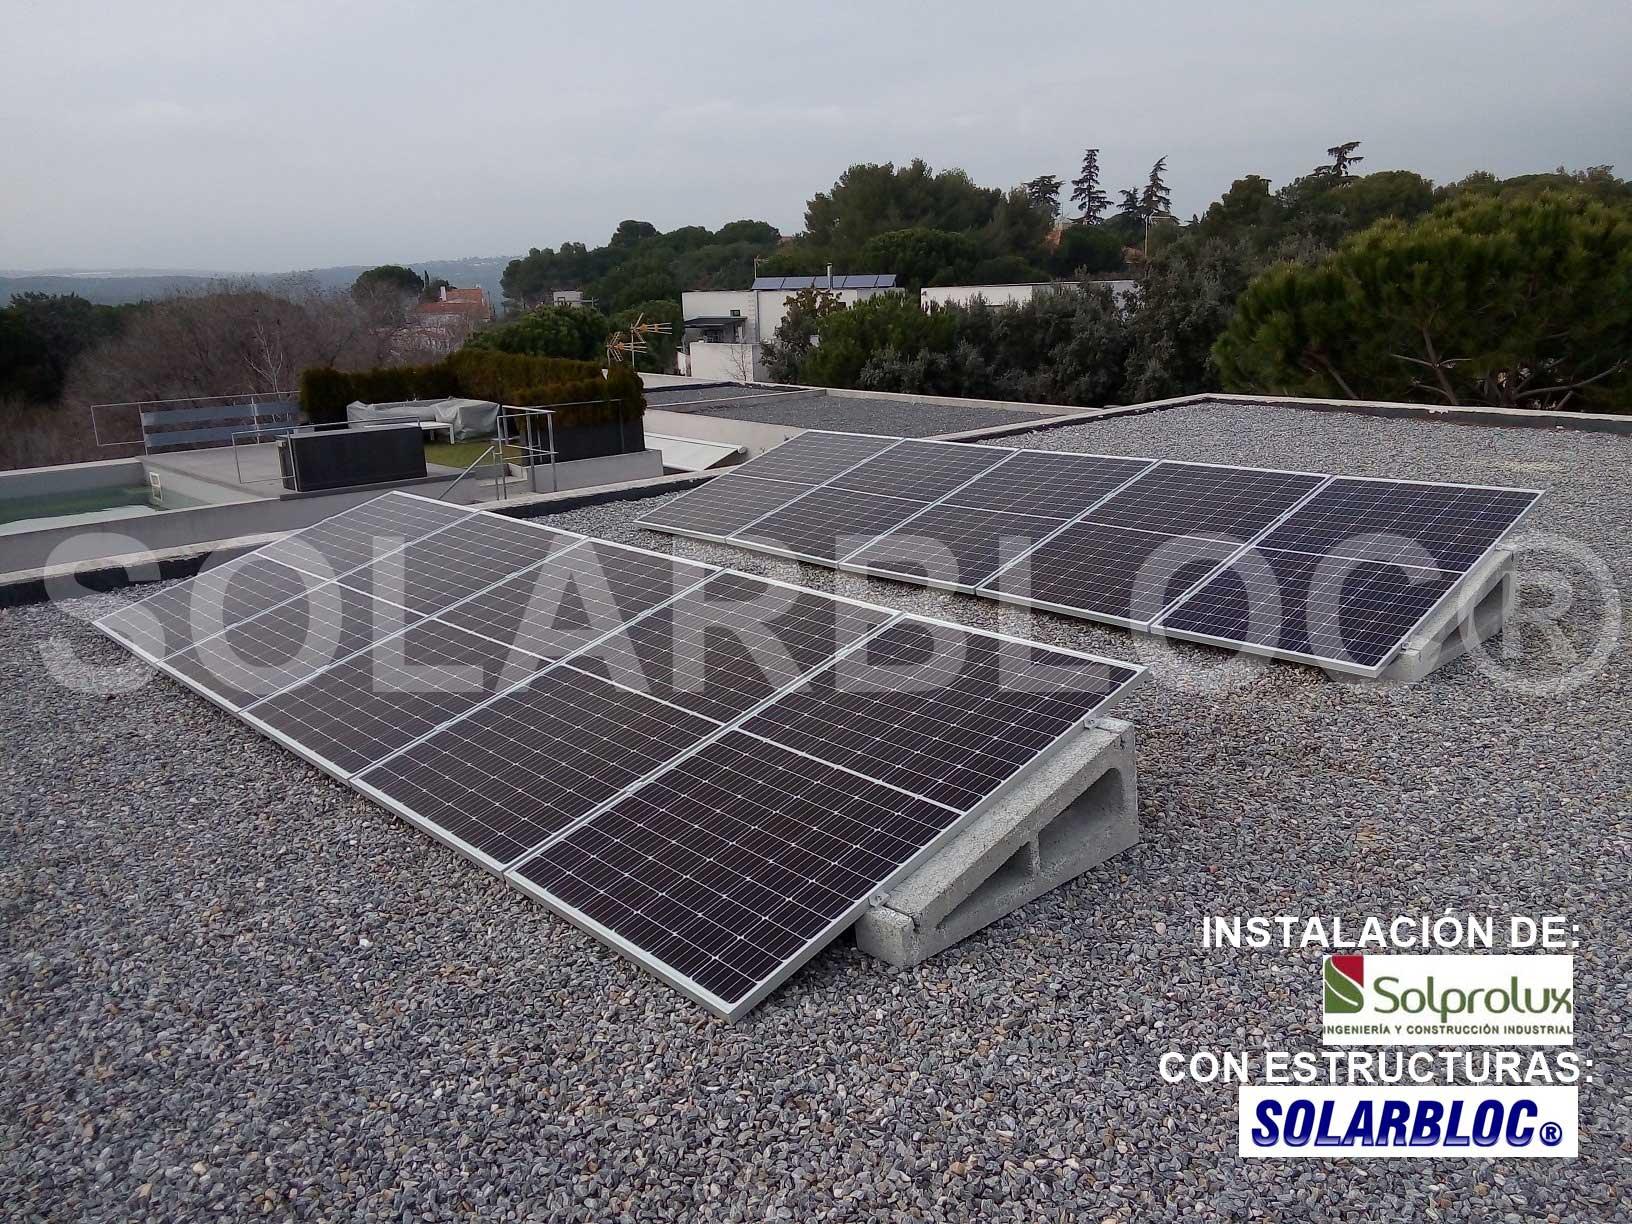 Soportes paneles solares para tejados Solprolux SOLARBLOC